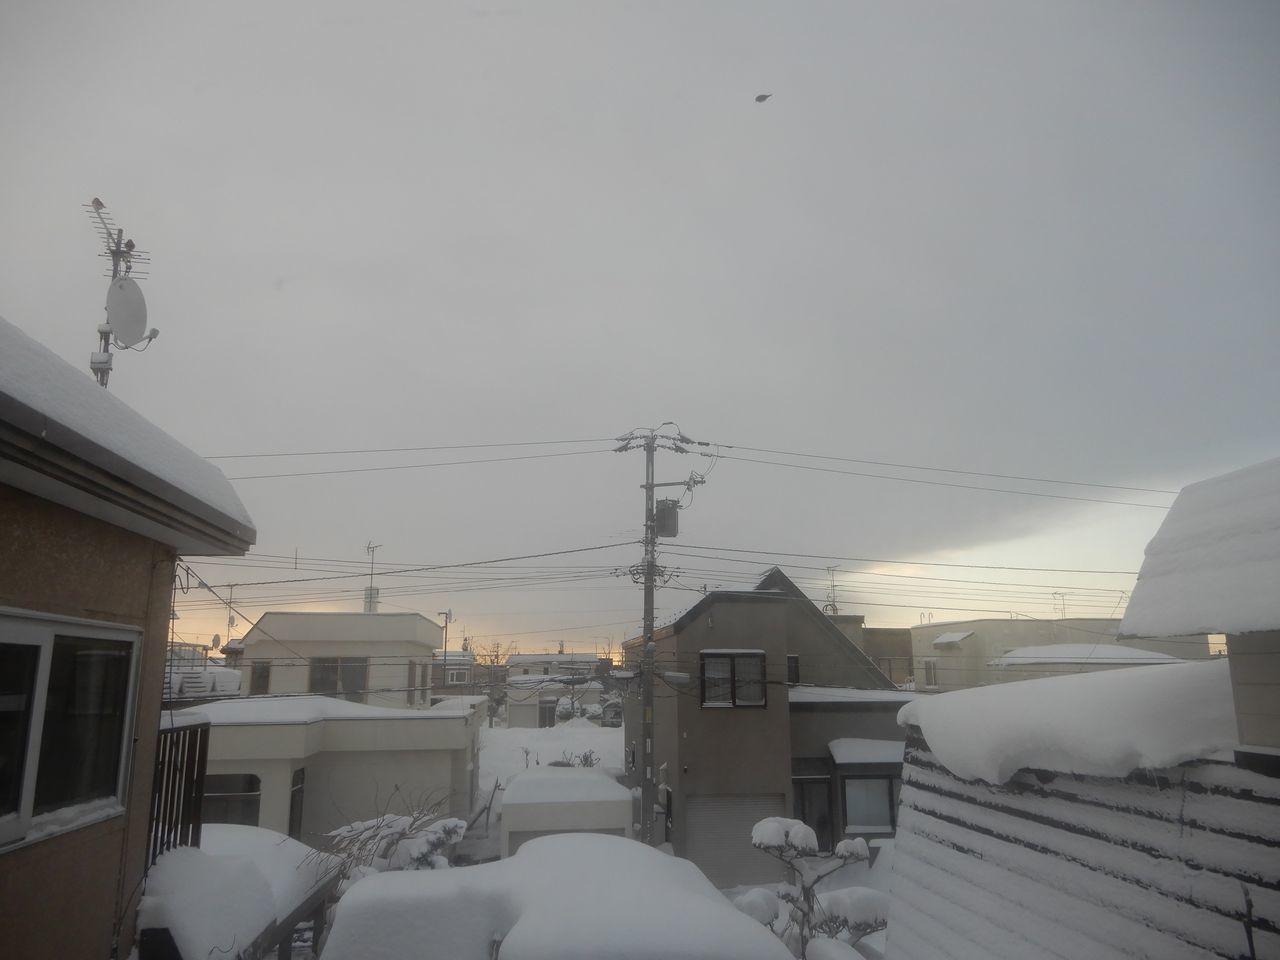 昨日の昼から降った雪は30センチほど積りました_c0025115_20491109.jpg